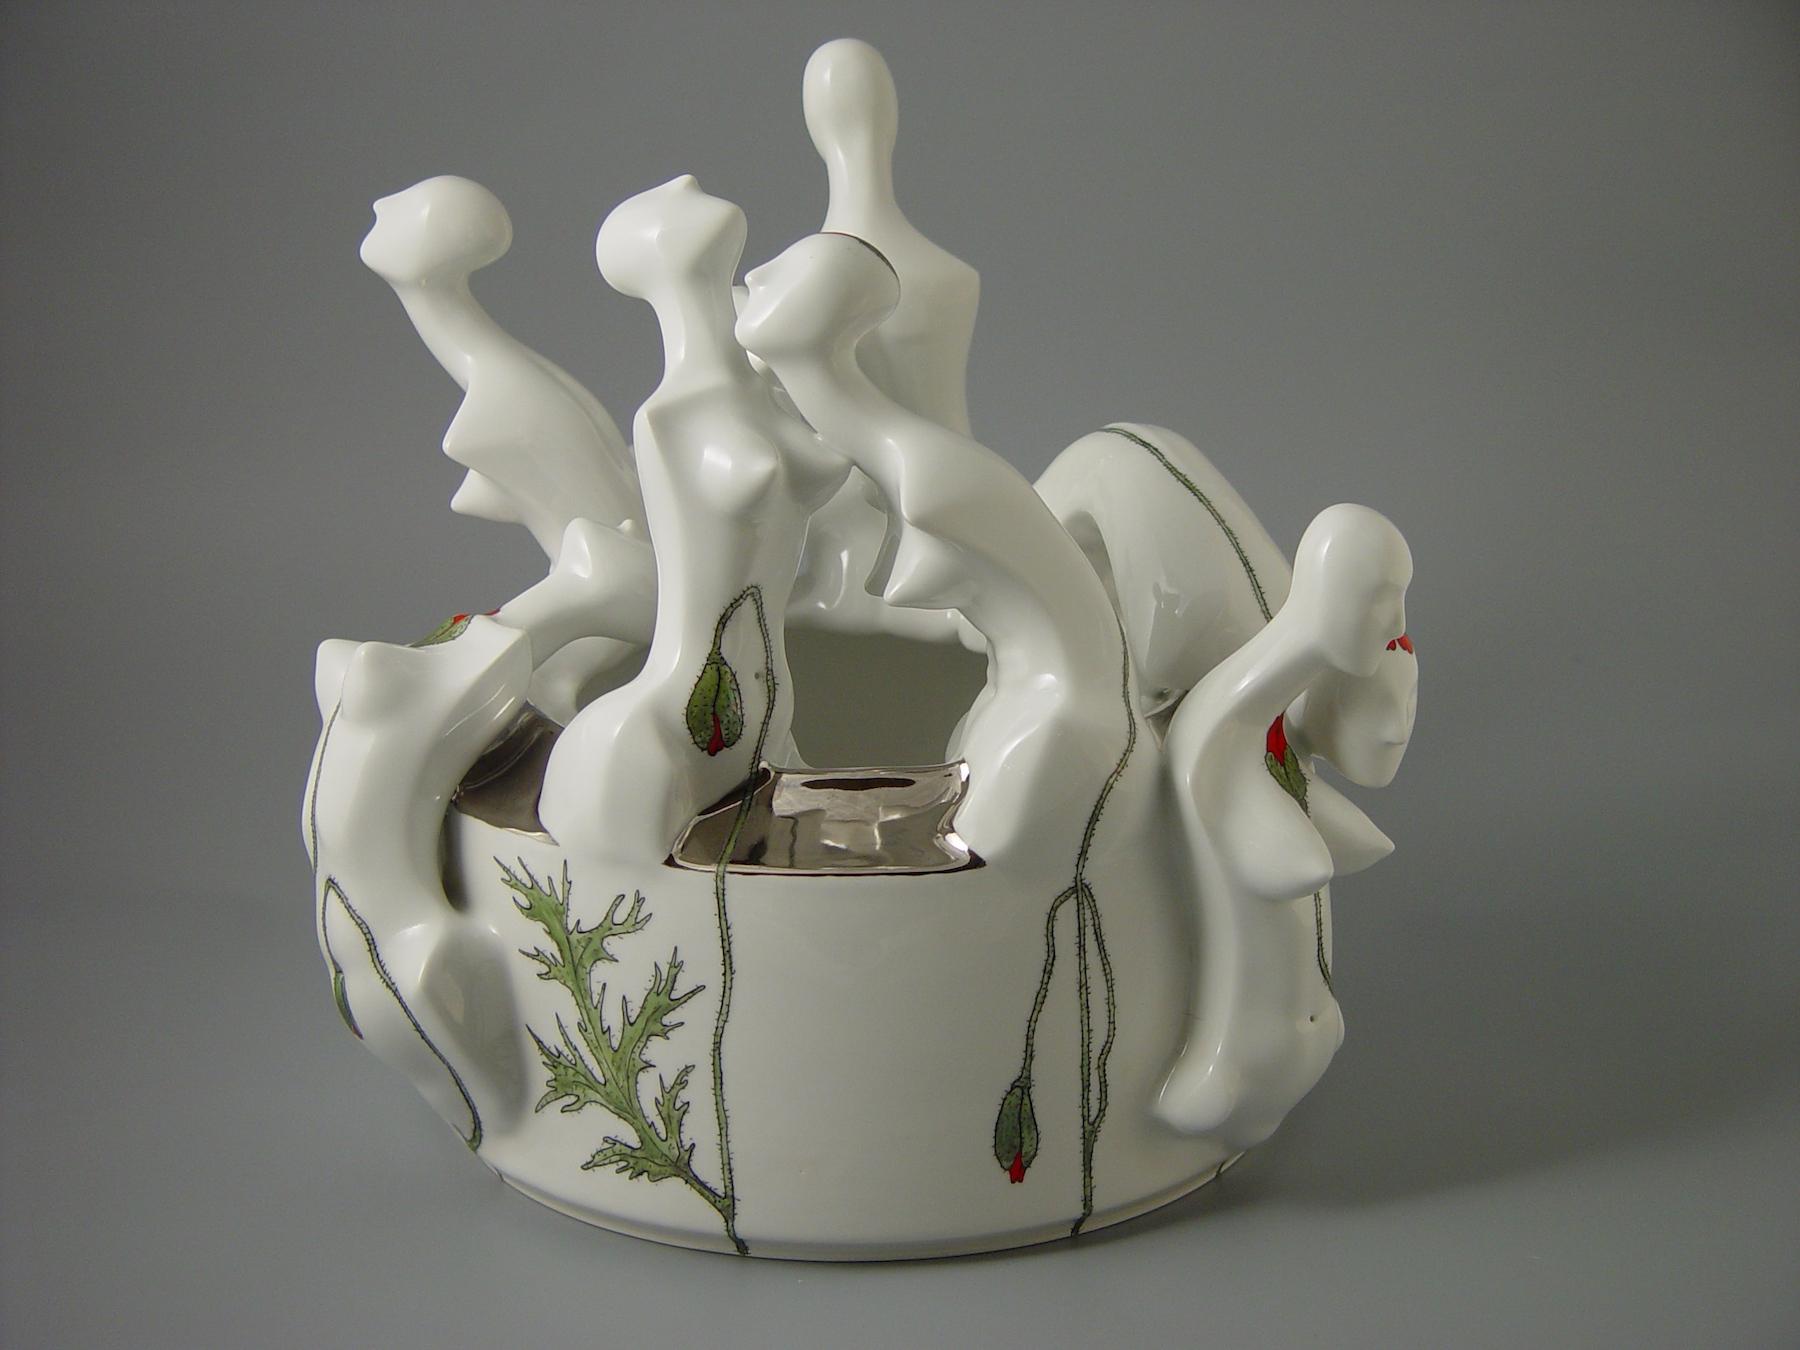 060. Porcelain society (2003)